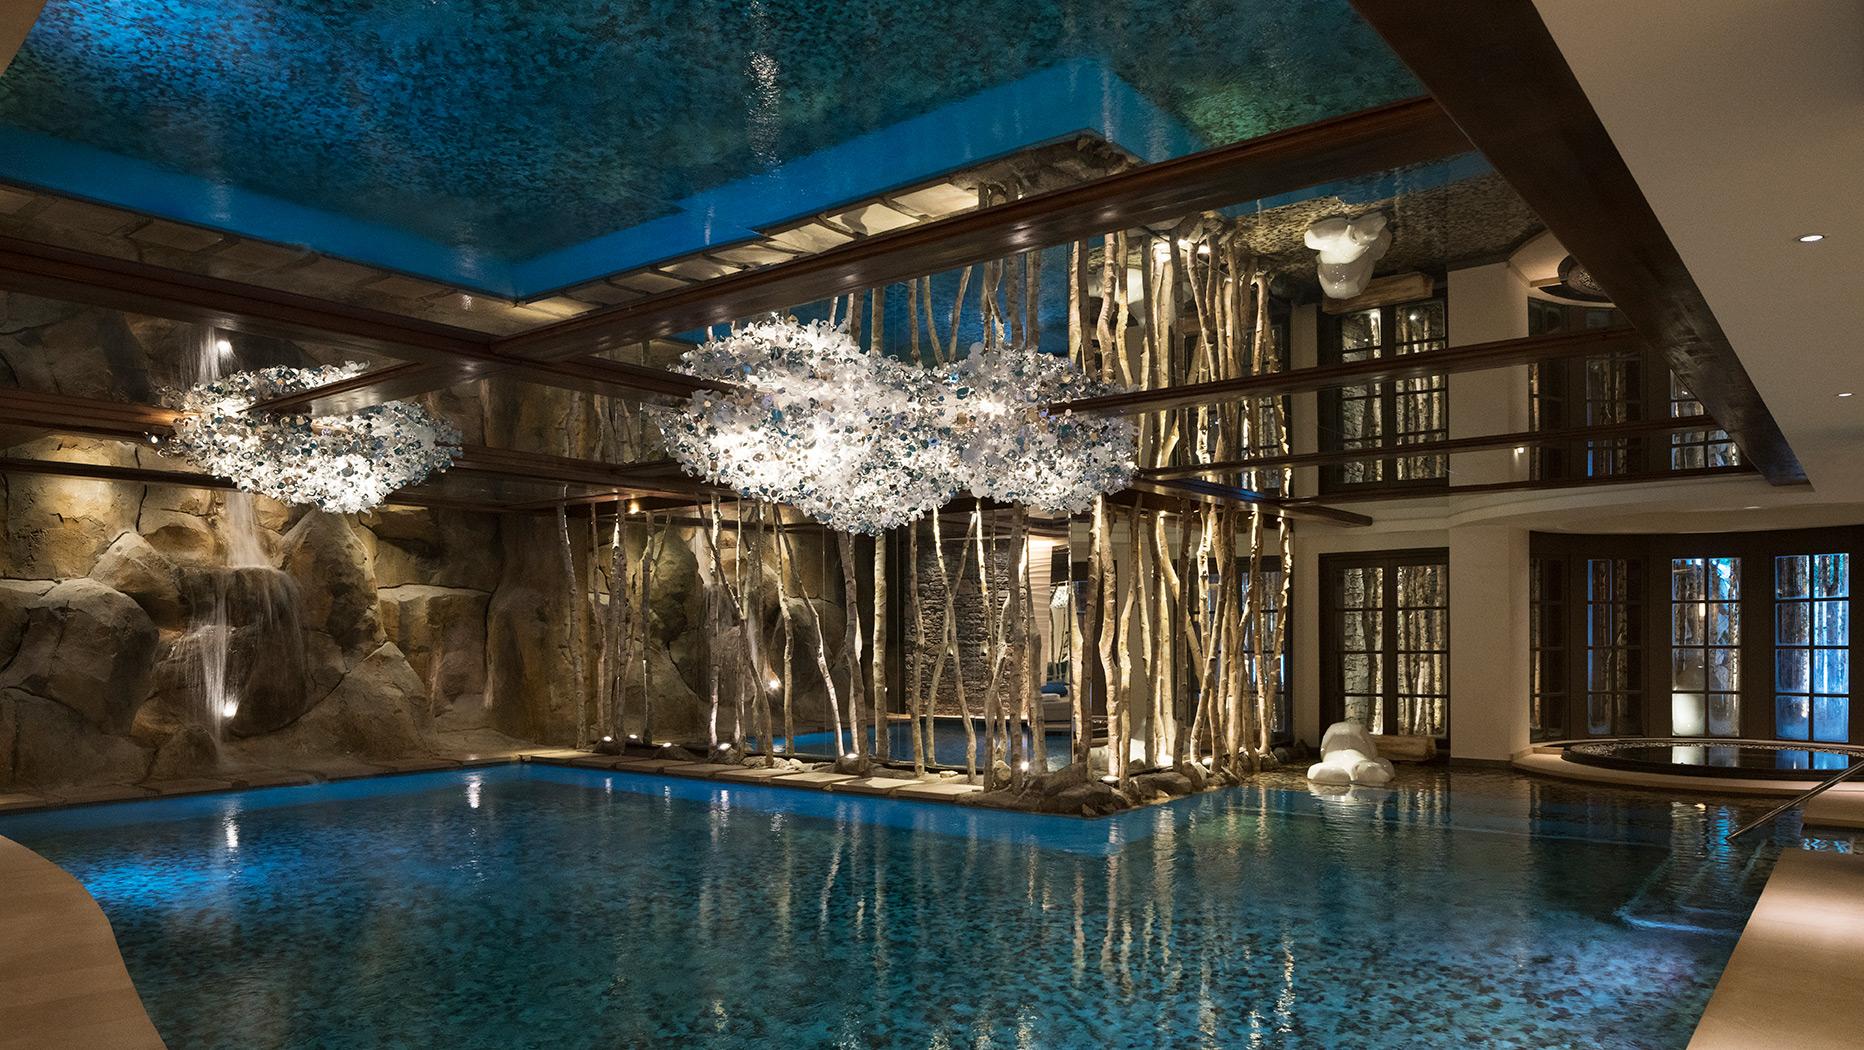 Abrium d couvrez le plafond tendu effet miroir for Hotel miroir plafond